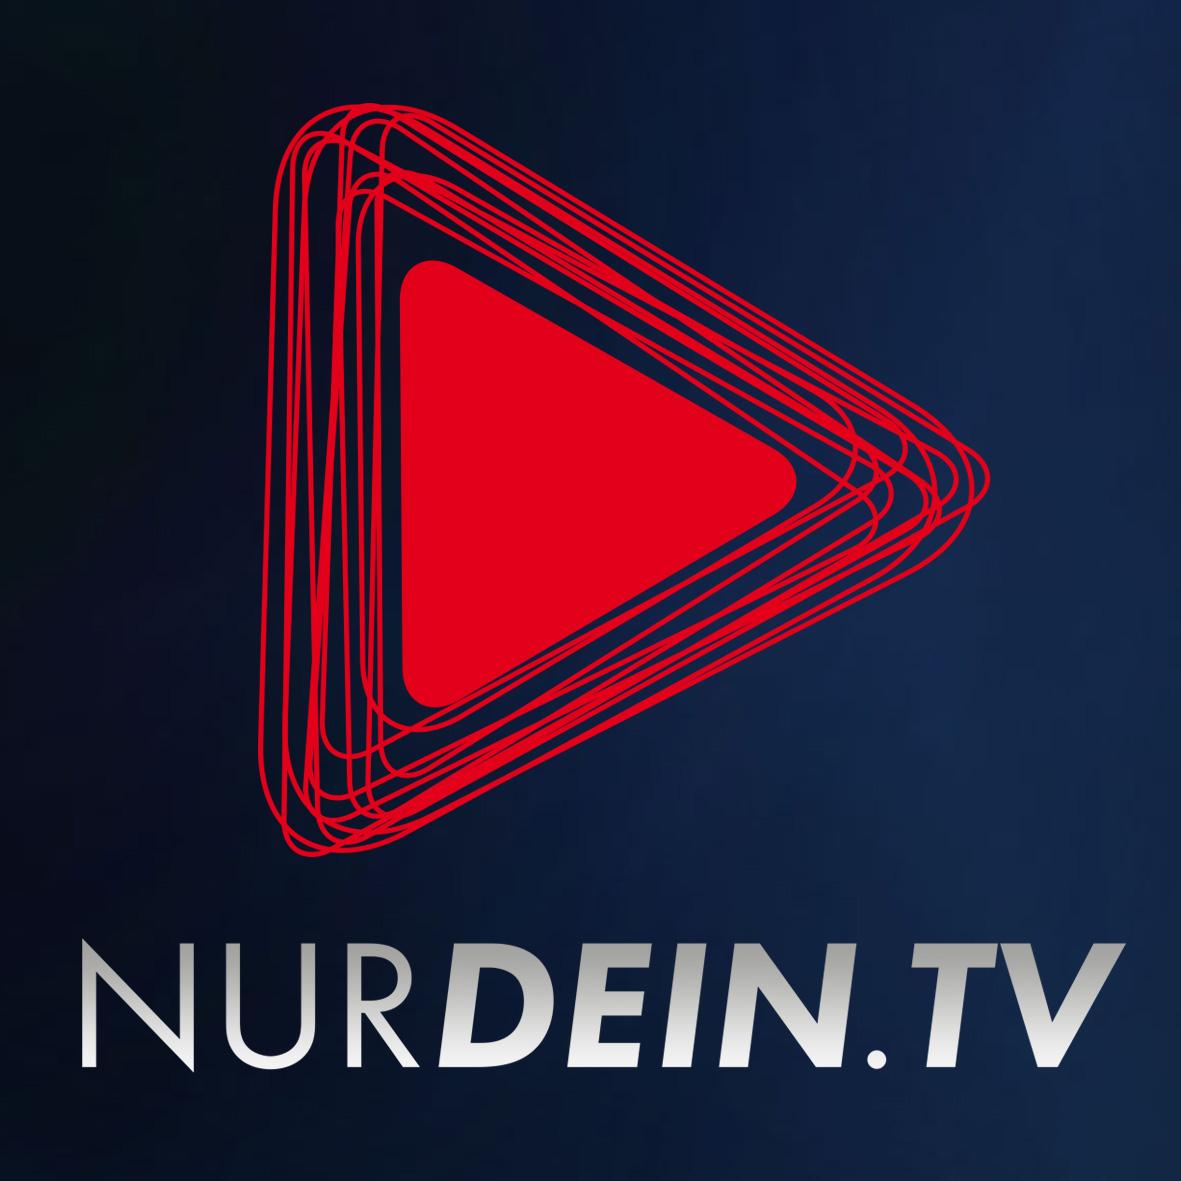 NURDEIN.TV - eigenständige Plattform